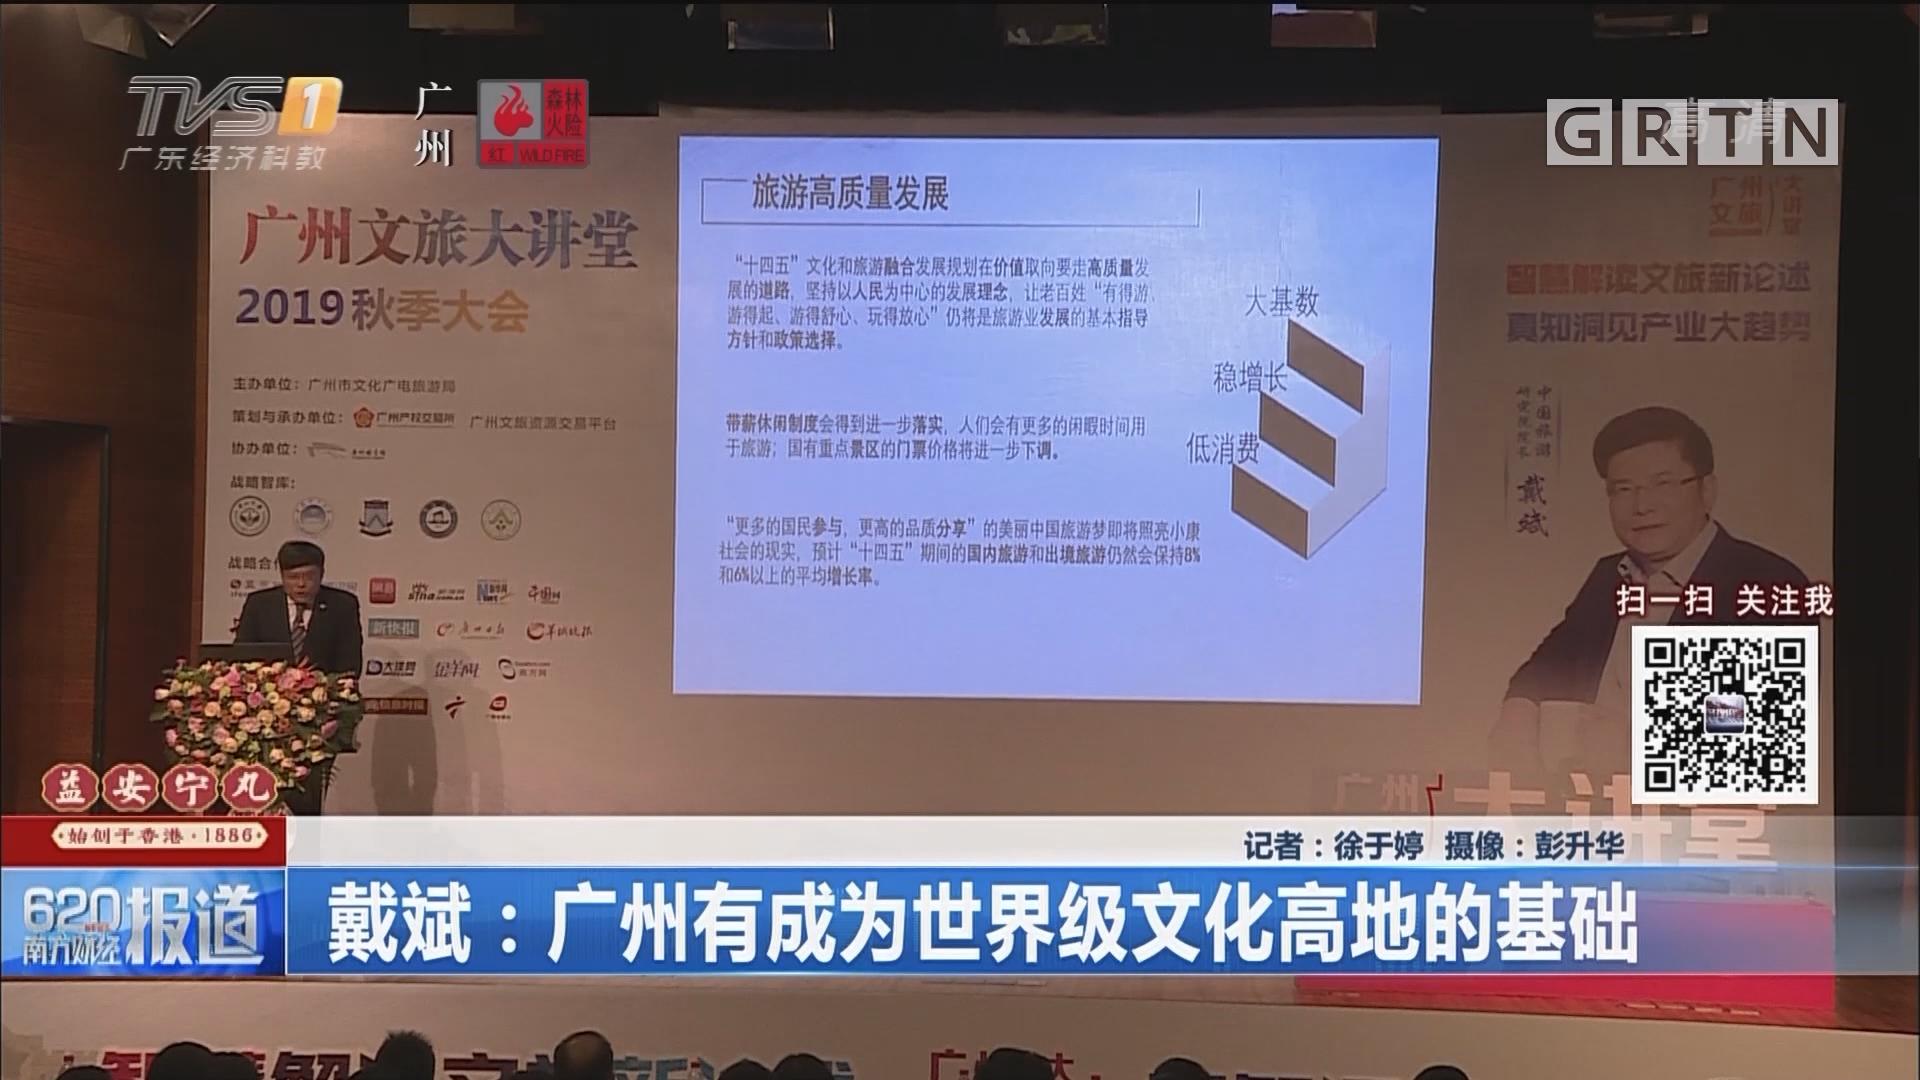 戴斌:广州有成为世界级文化高地的基础